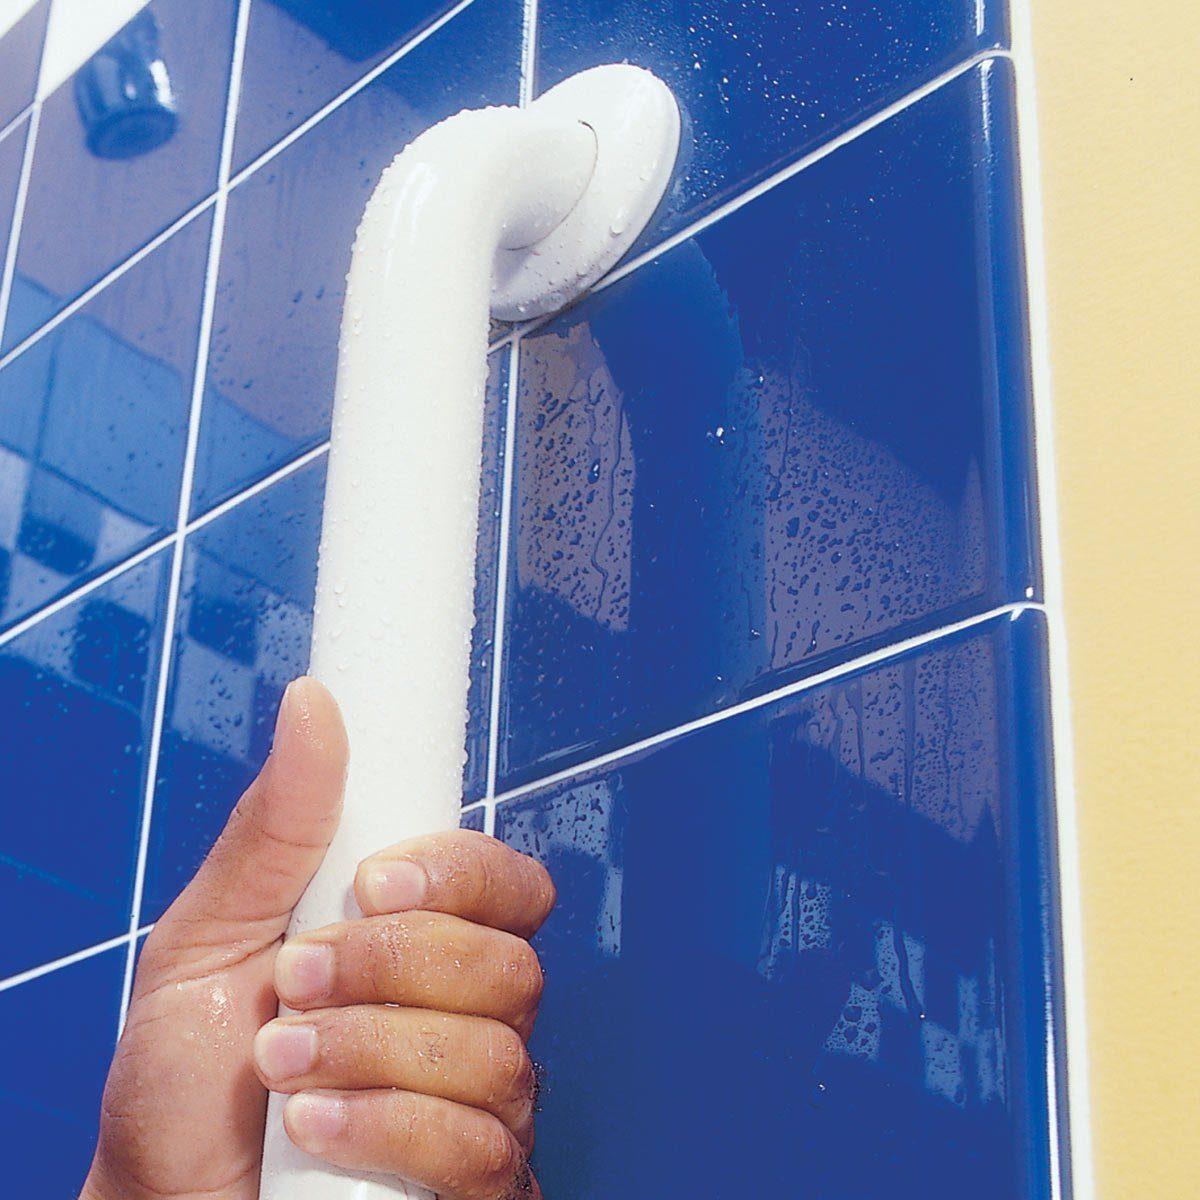 Install Bathroom Grab Bars